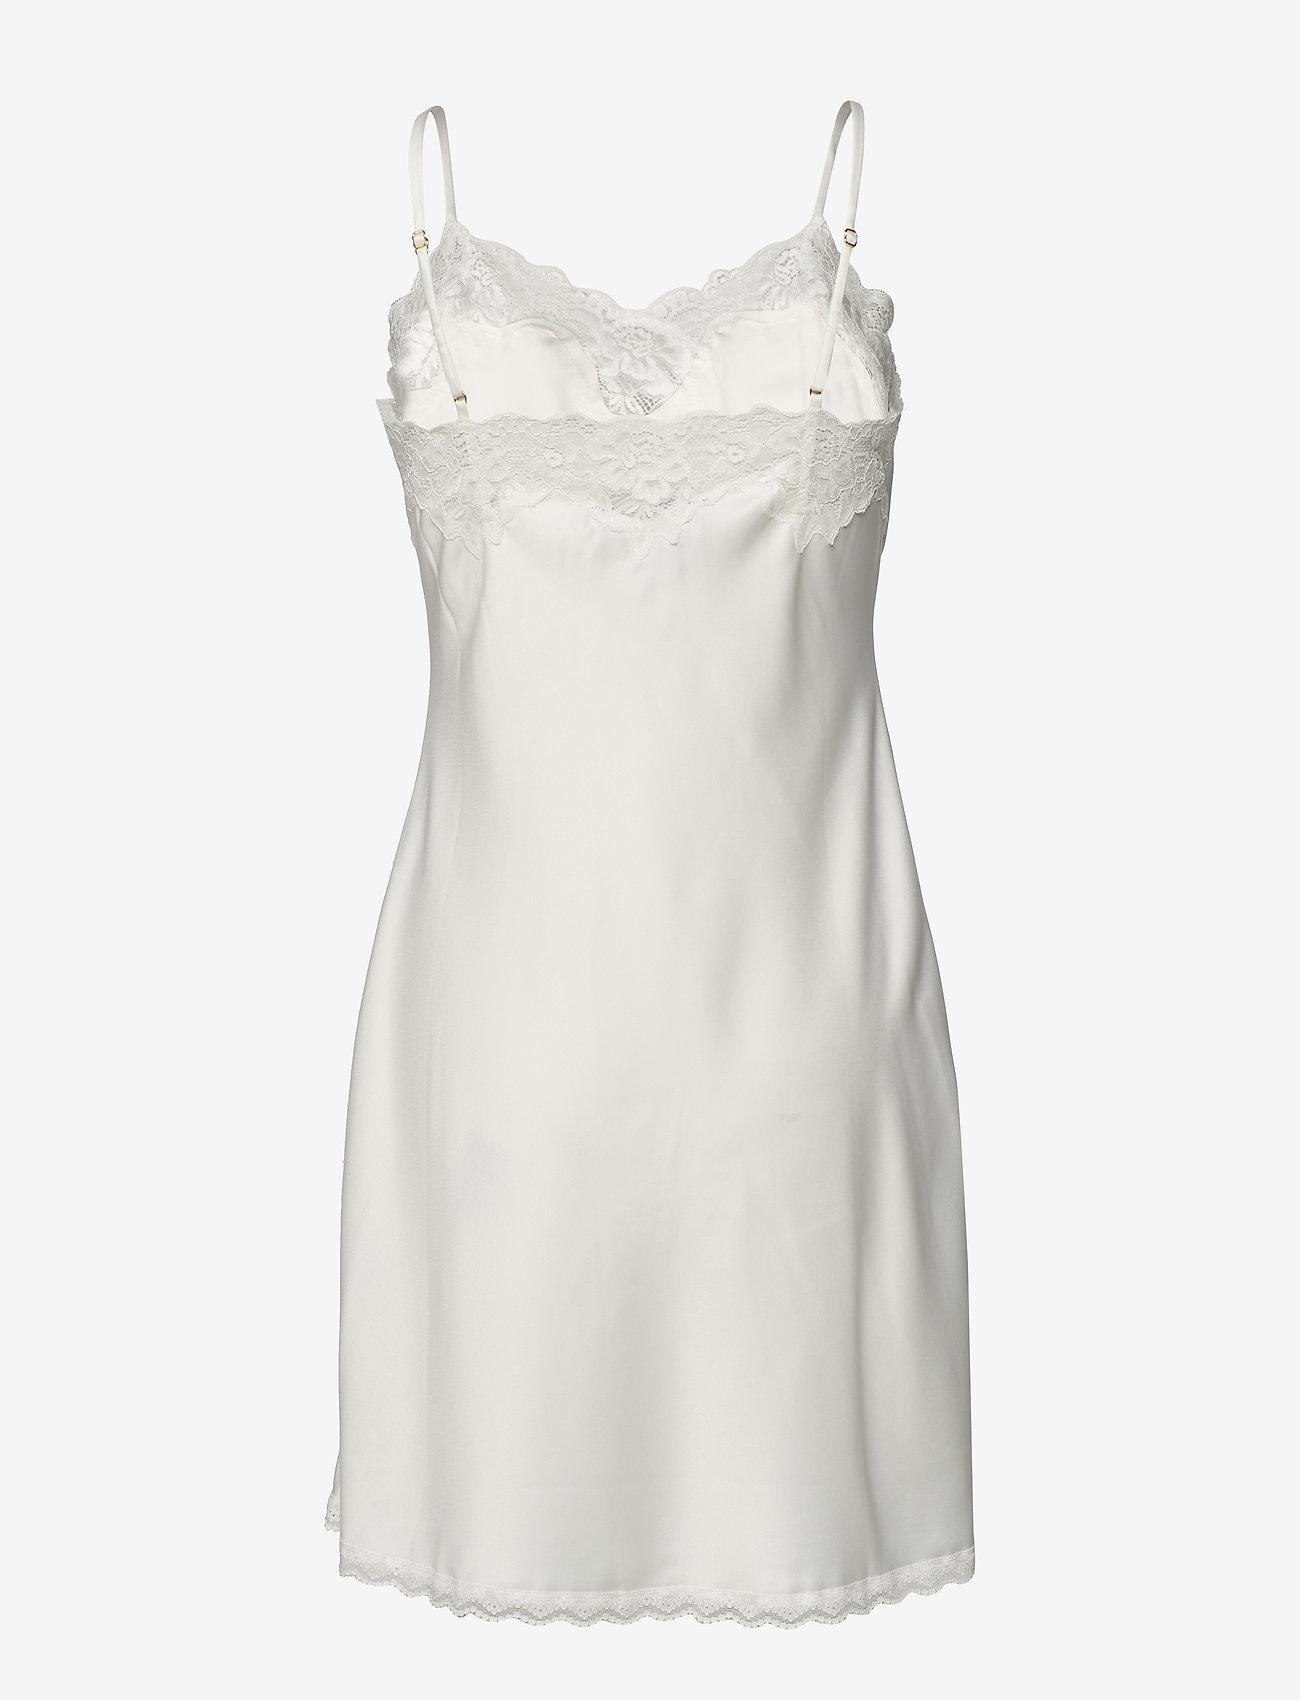 Lauren Ralph Lauren Homewear - LRL SIGNATURE LACE CHEMISE - ivory - 1